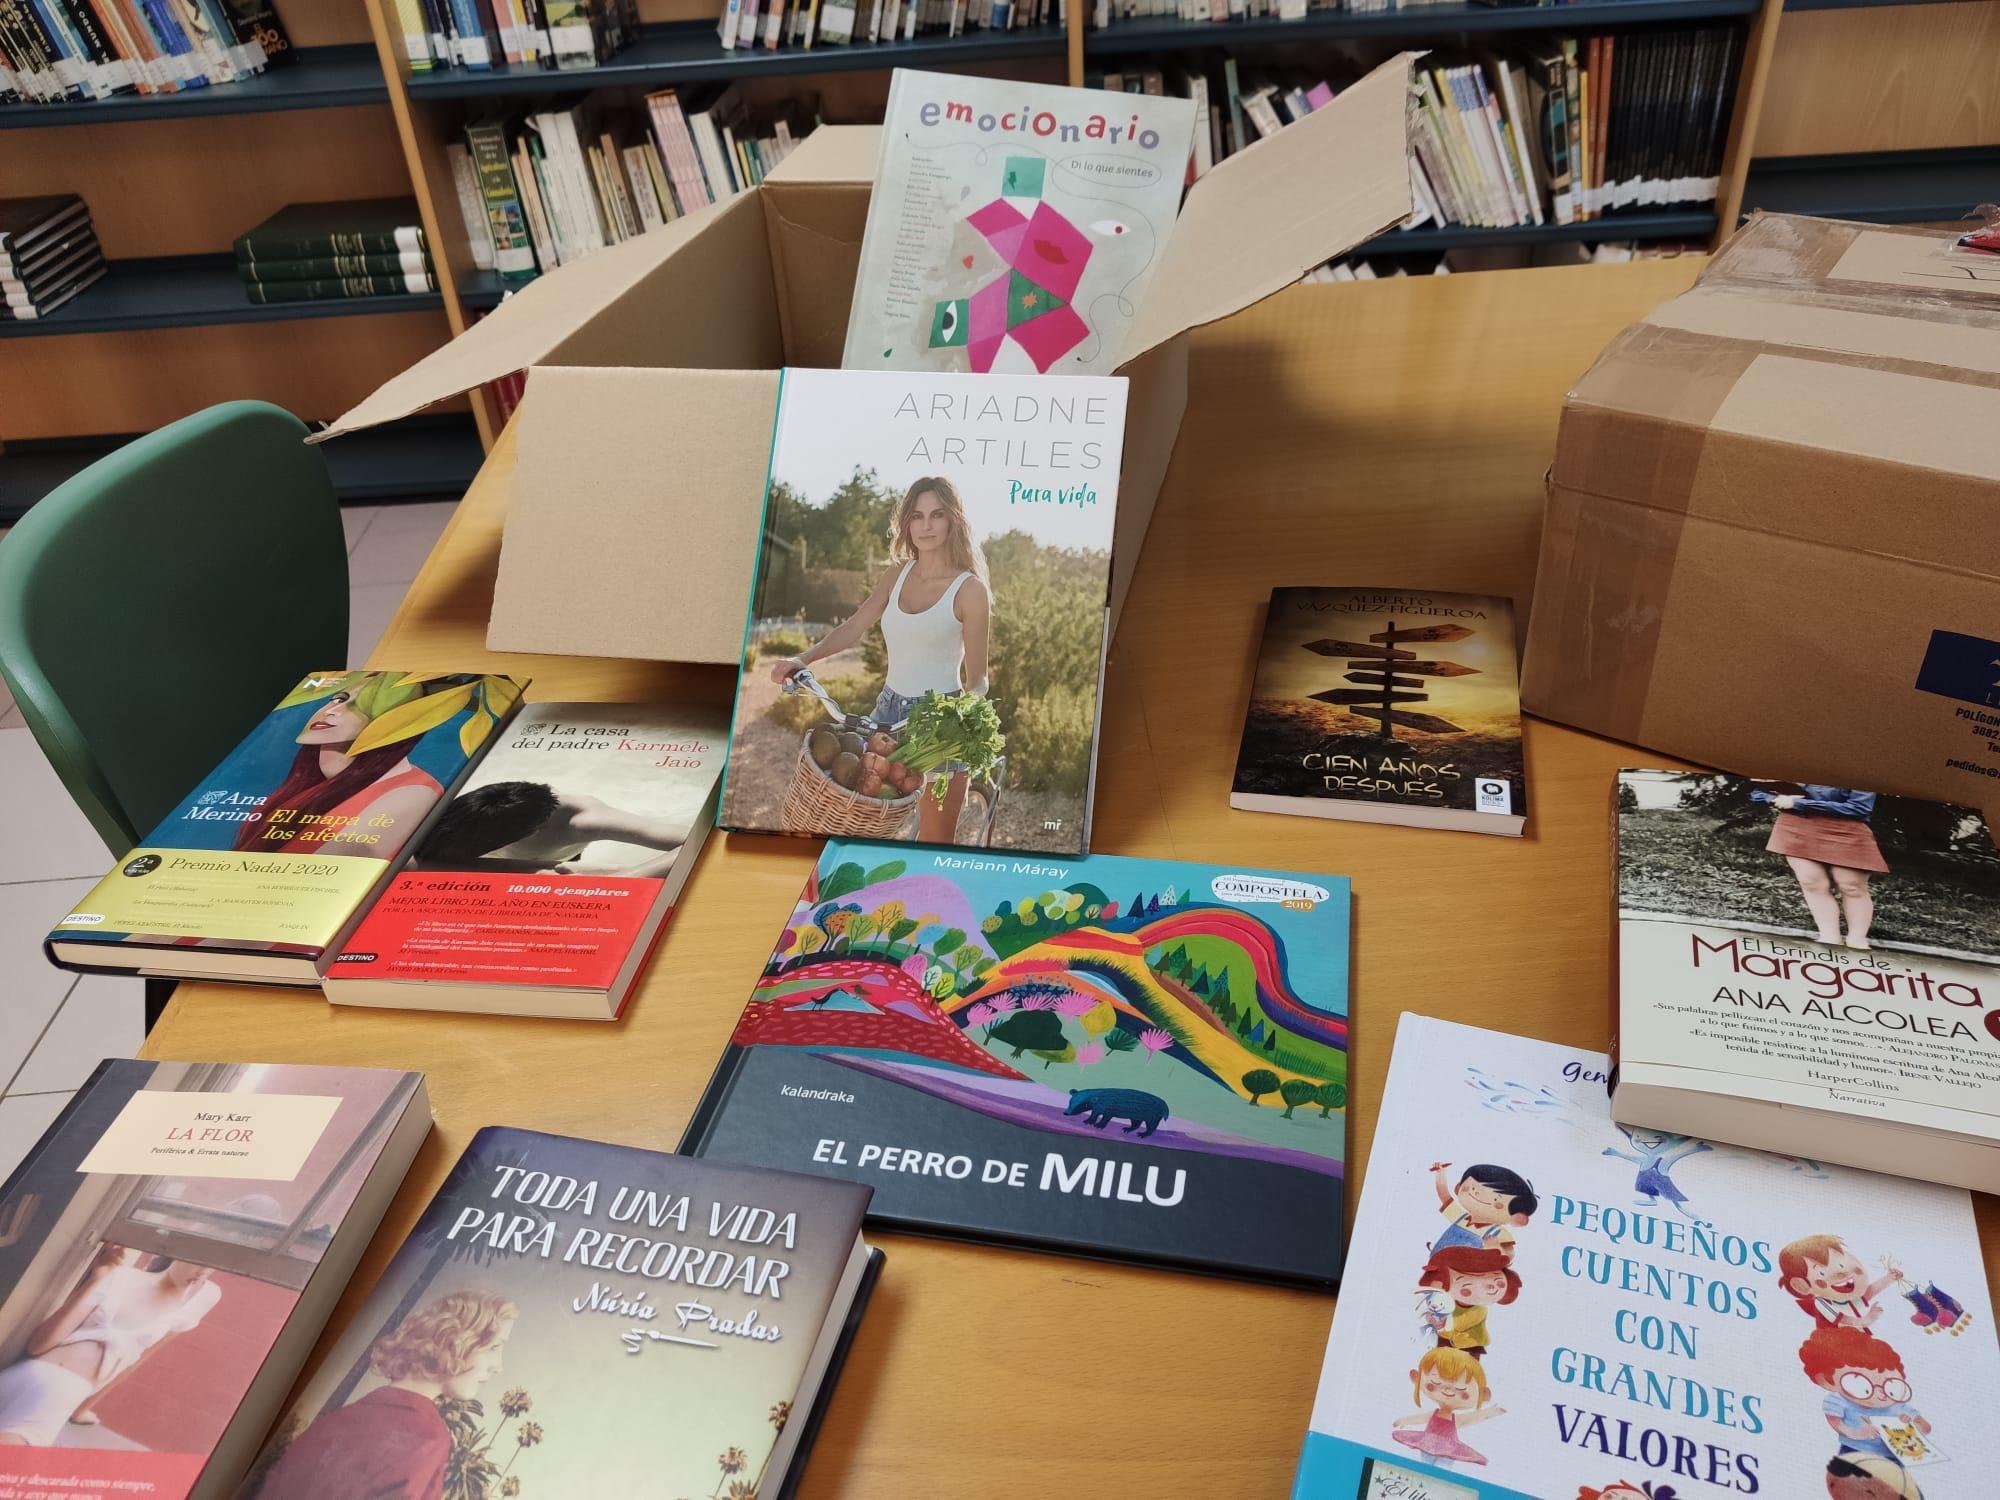 Nuevos fondos de la Biblioteca Municipal de Teror / CanariasNoticias.es